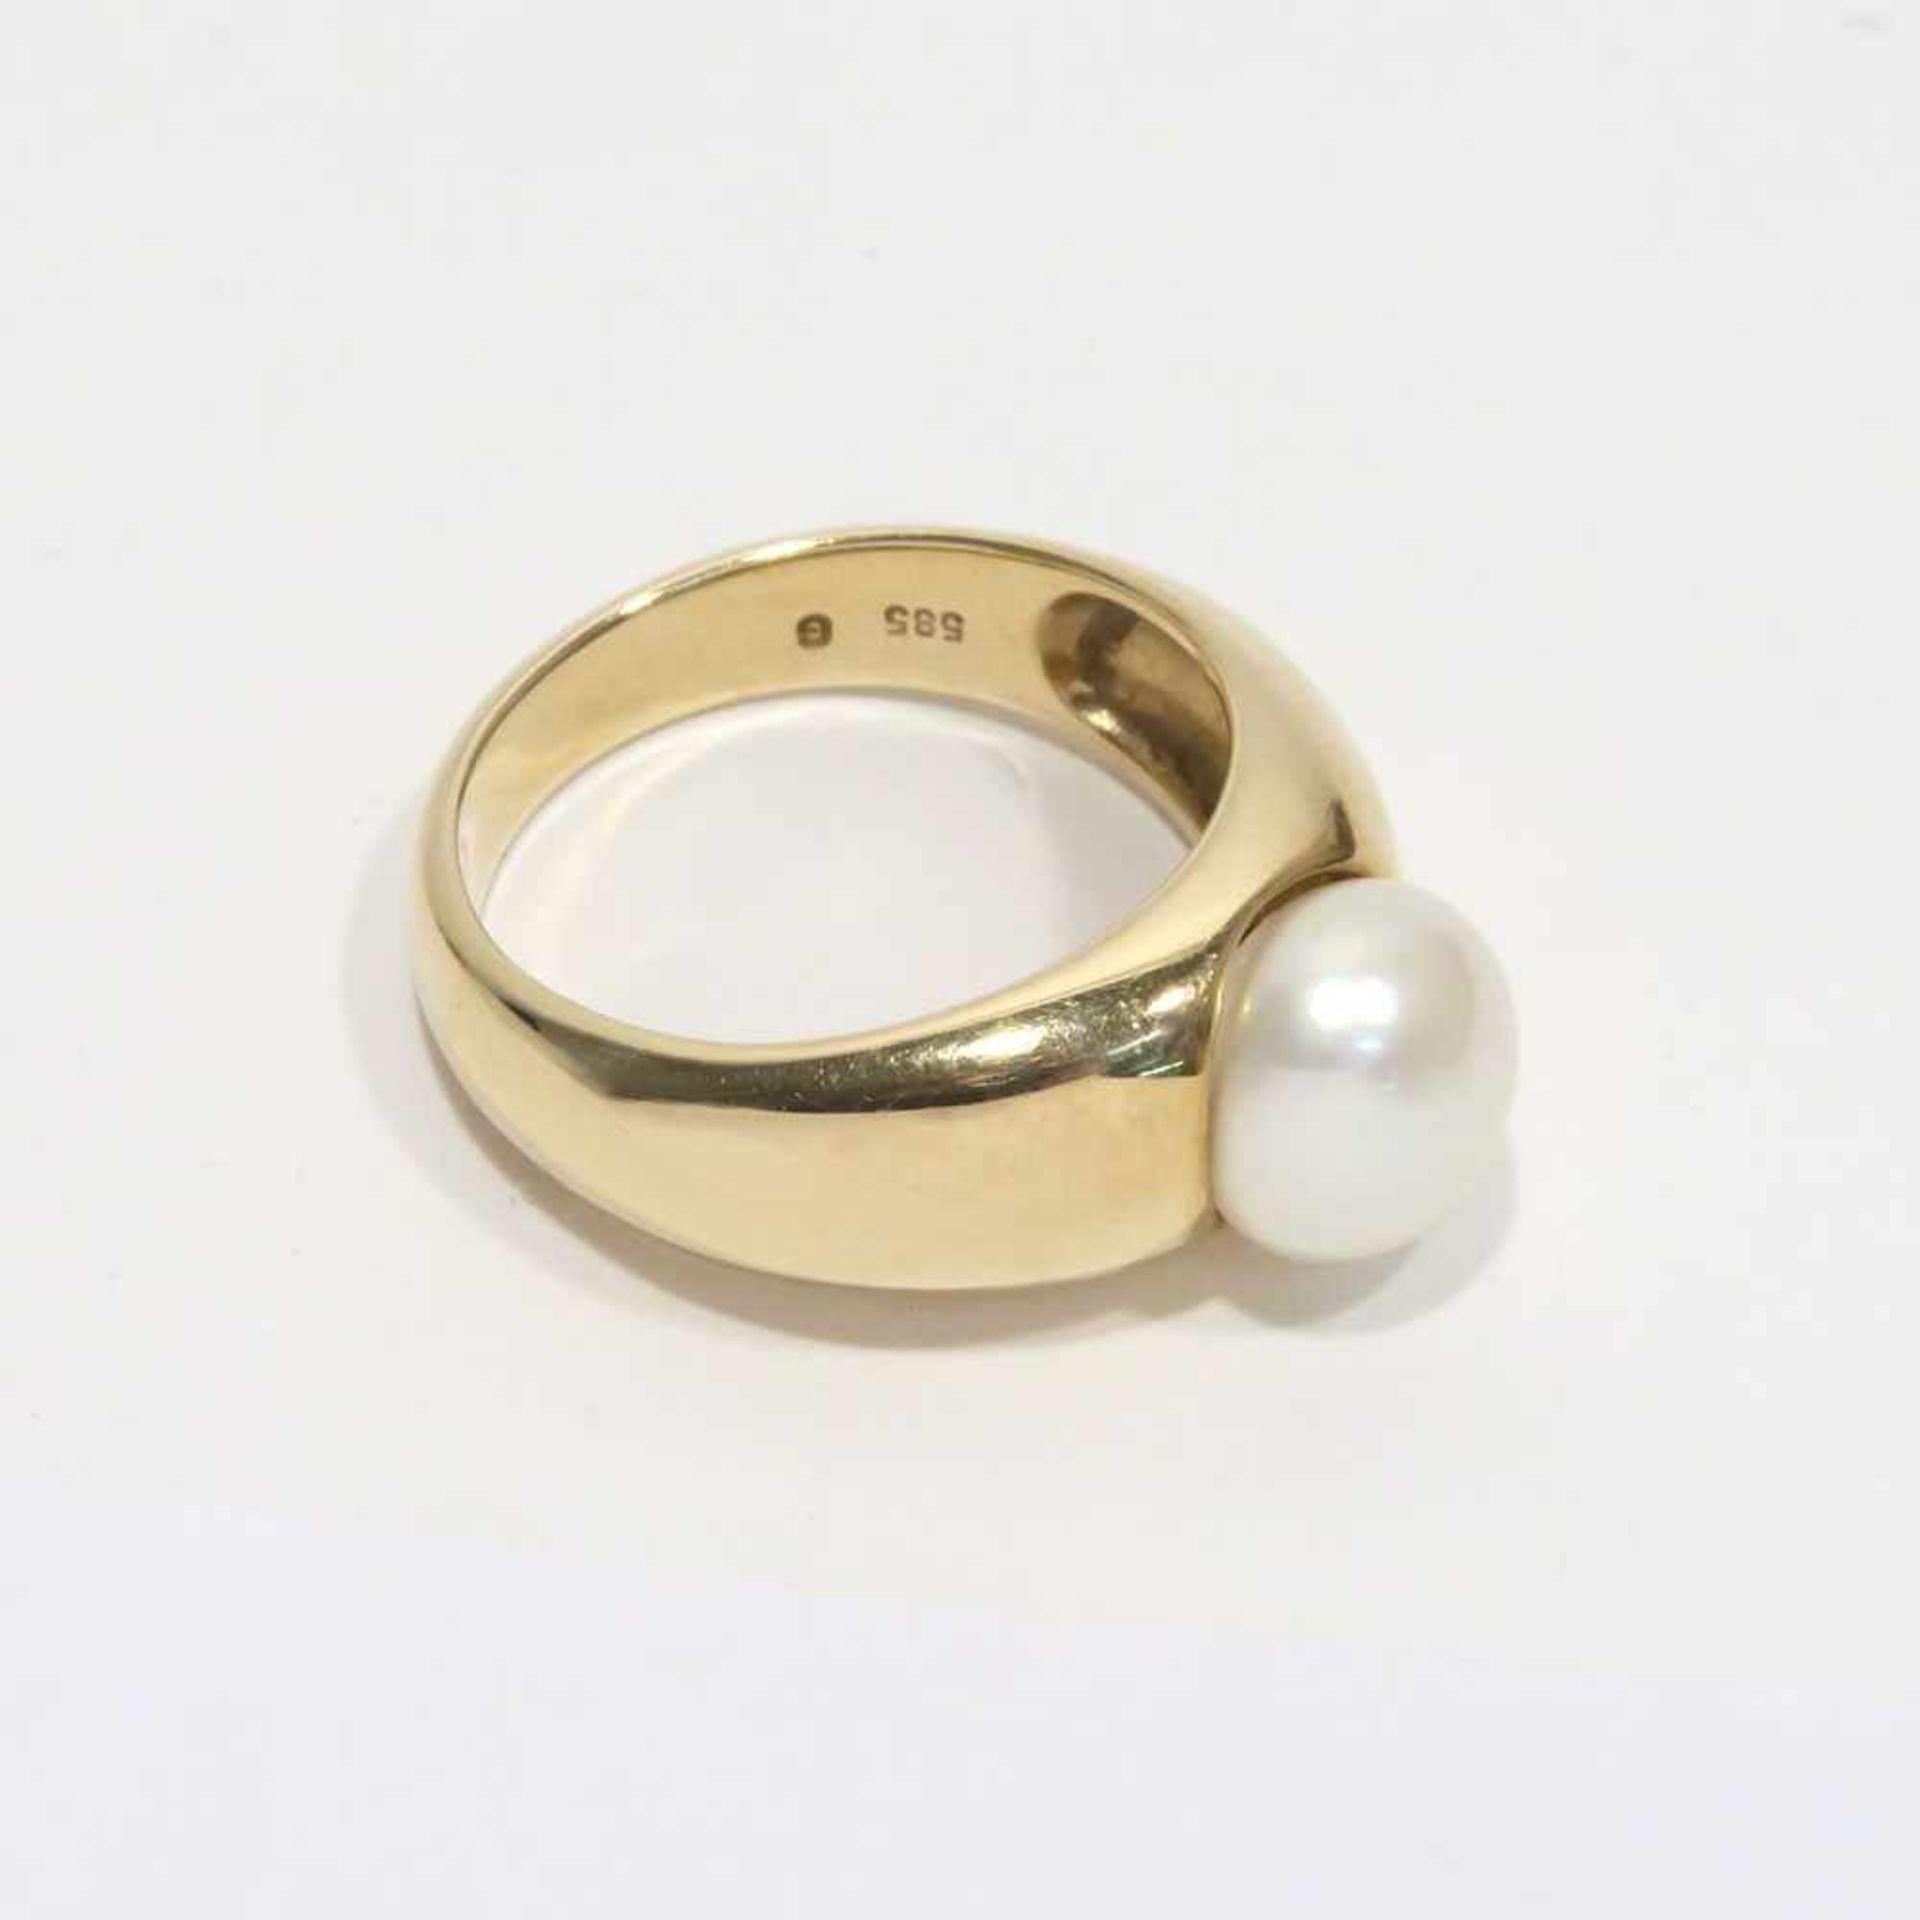 Ring14 K GG, Marke (585). Mit einer Zuchtperle mittig besetzt. Ringgröße 54. 6,1 g.- - -26.00 %